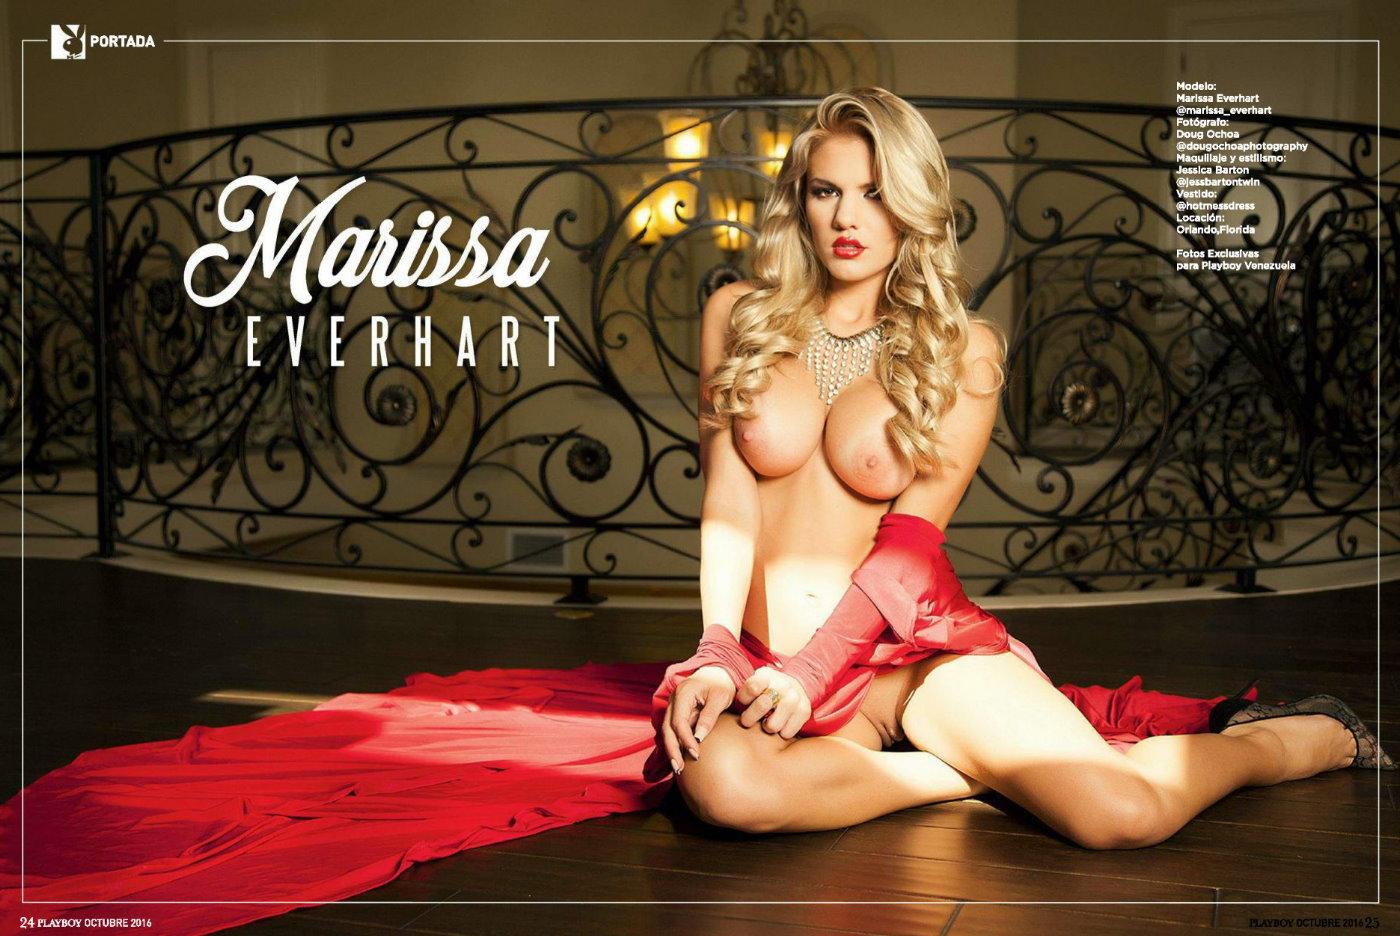 Мисс октябрь Marissa Everhart Playboy Venezuela october 2016